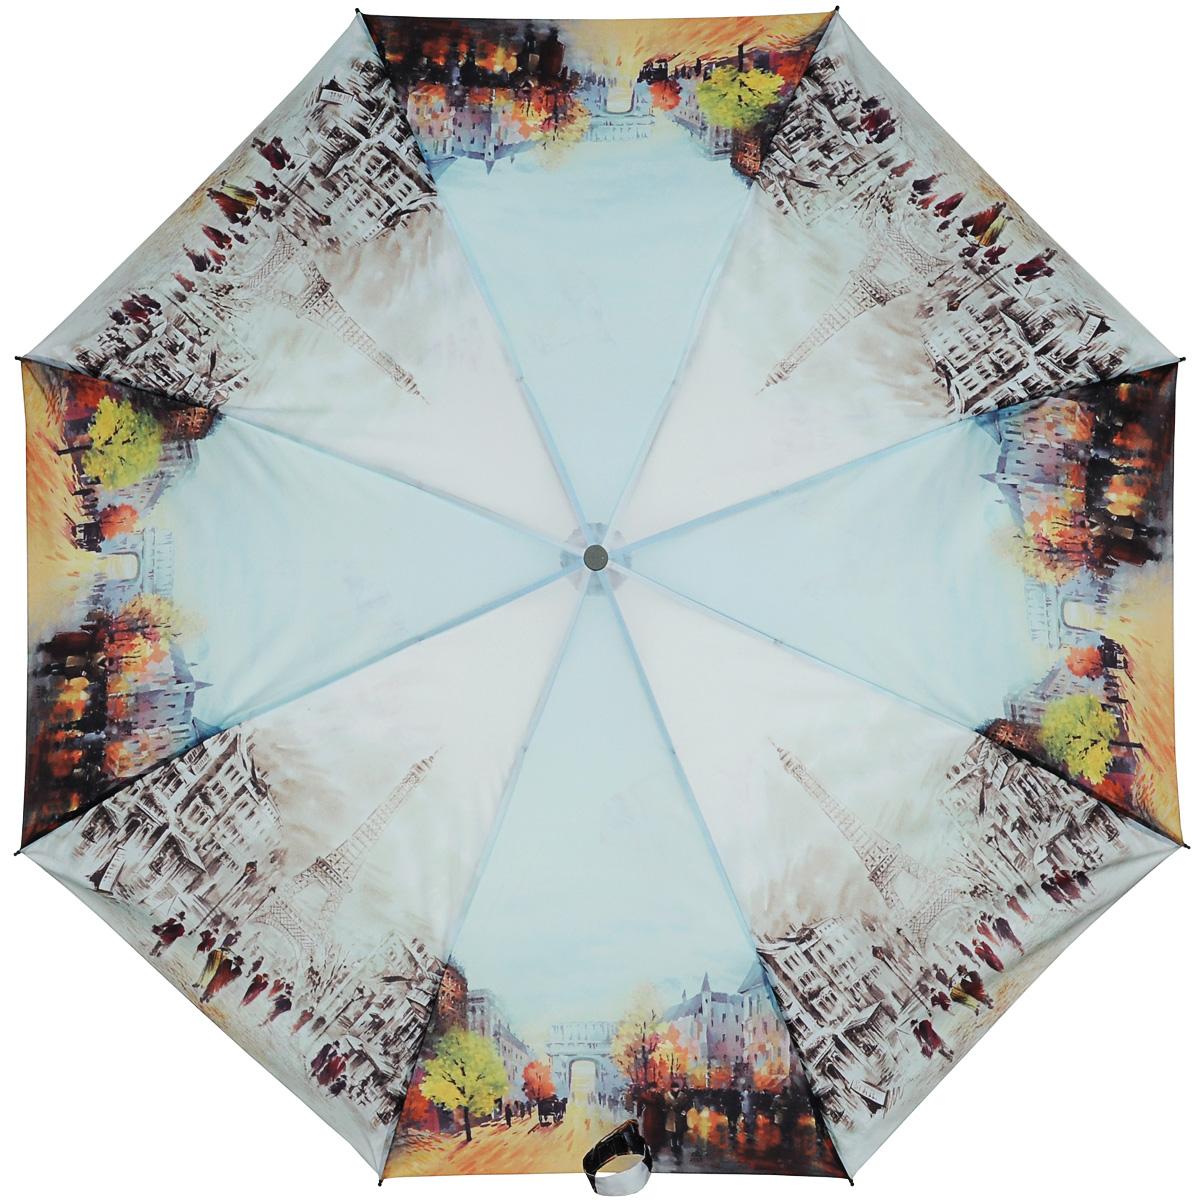 Зонт женский Zest, автомат, 3 сложения. 239455-18239455-18Женский автоматический зонт Zest в 3 сложения даже в ненастную погоду позволит вам оставаться стильной и элегантной. Каркас зонта состоит из 8 спиц из фибергласса и прочного стального стержня. Специальная система Windproof защищает его от поломок во время сильных порывов ветра. Купол зонта выполнен из прочного полиэстера с водоотталкивающей пропиткой и оформлен изображением улиц Парижа осенью. Используемые высококачественные красители, а также покрытие Teflon обеспечивают длительное сохранение свойств ткани купола. Рукоятка, разработанная с учетом требований эргономики, выполнена из приятного на ощупь прорезиненного пластика серого цвета. Зонт имеет полный автоматический механизм сложения: купол открывается и закрывается нажатием кнопки на рукоятке, стержень складывается вручную до характерного щелчка, благодаря чему открыть и закрыть зонт можно одной рукой, что чрезвычайно удобно при входе в транспорт или помещение. На рукоятке для удобства есть небольшой шнурок,...